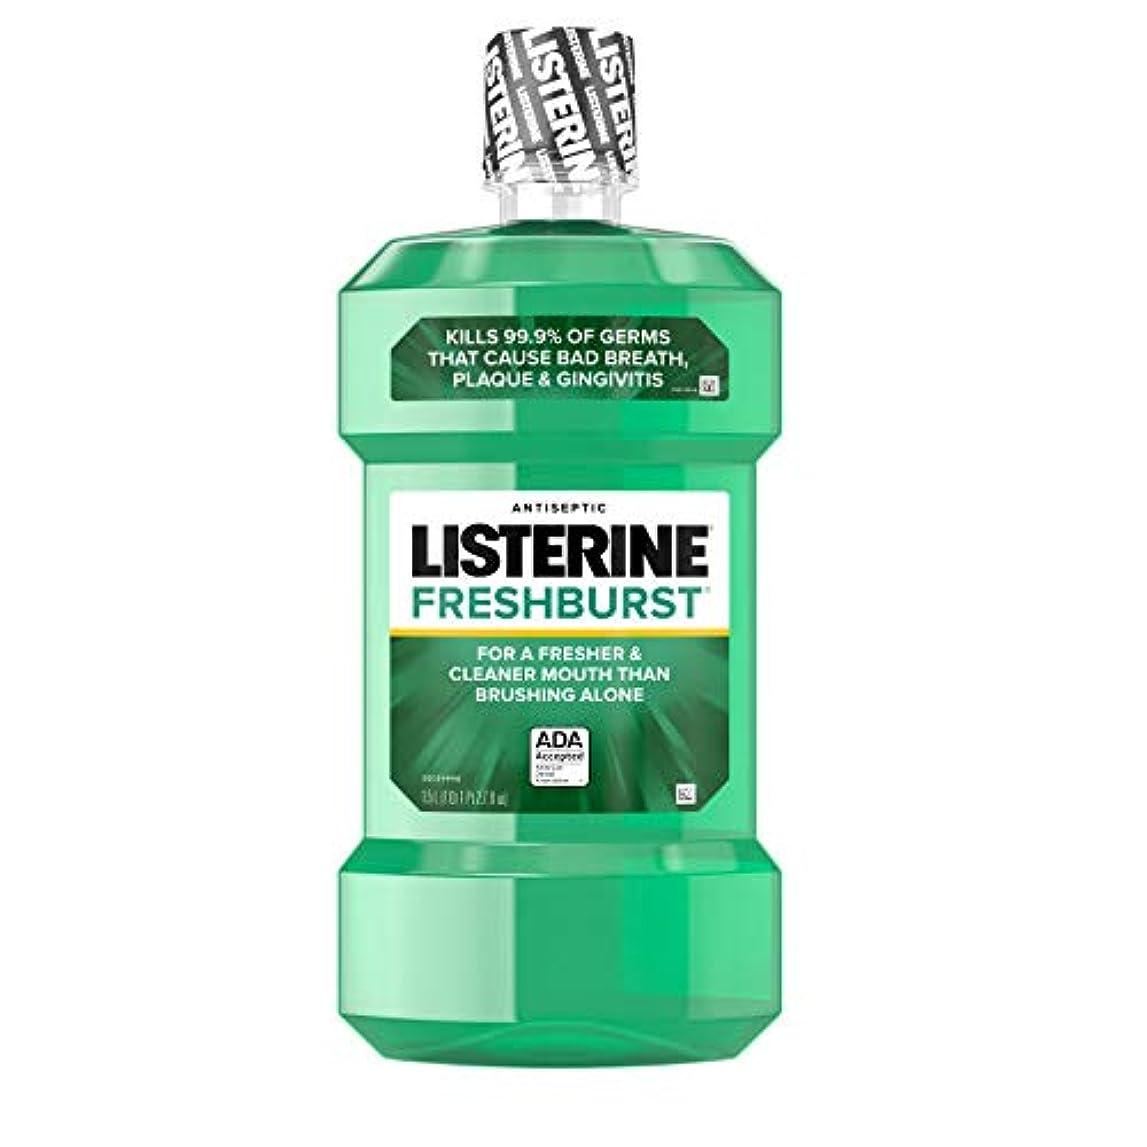 気をつけて追い払う計算するListerine 口臭と戦うために生殖?キリングオーラルケアフォーミュラ、プラークと歯肉炎とFreshburst消毒うがい薬、1.5 L